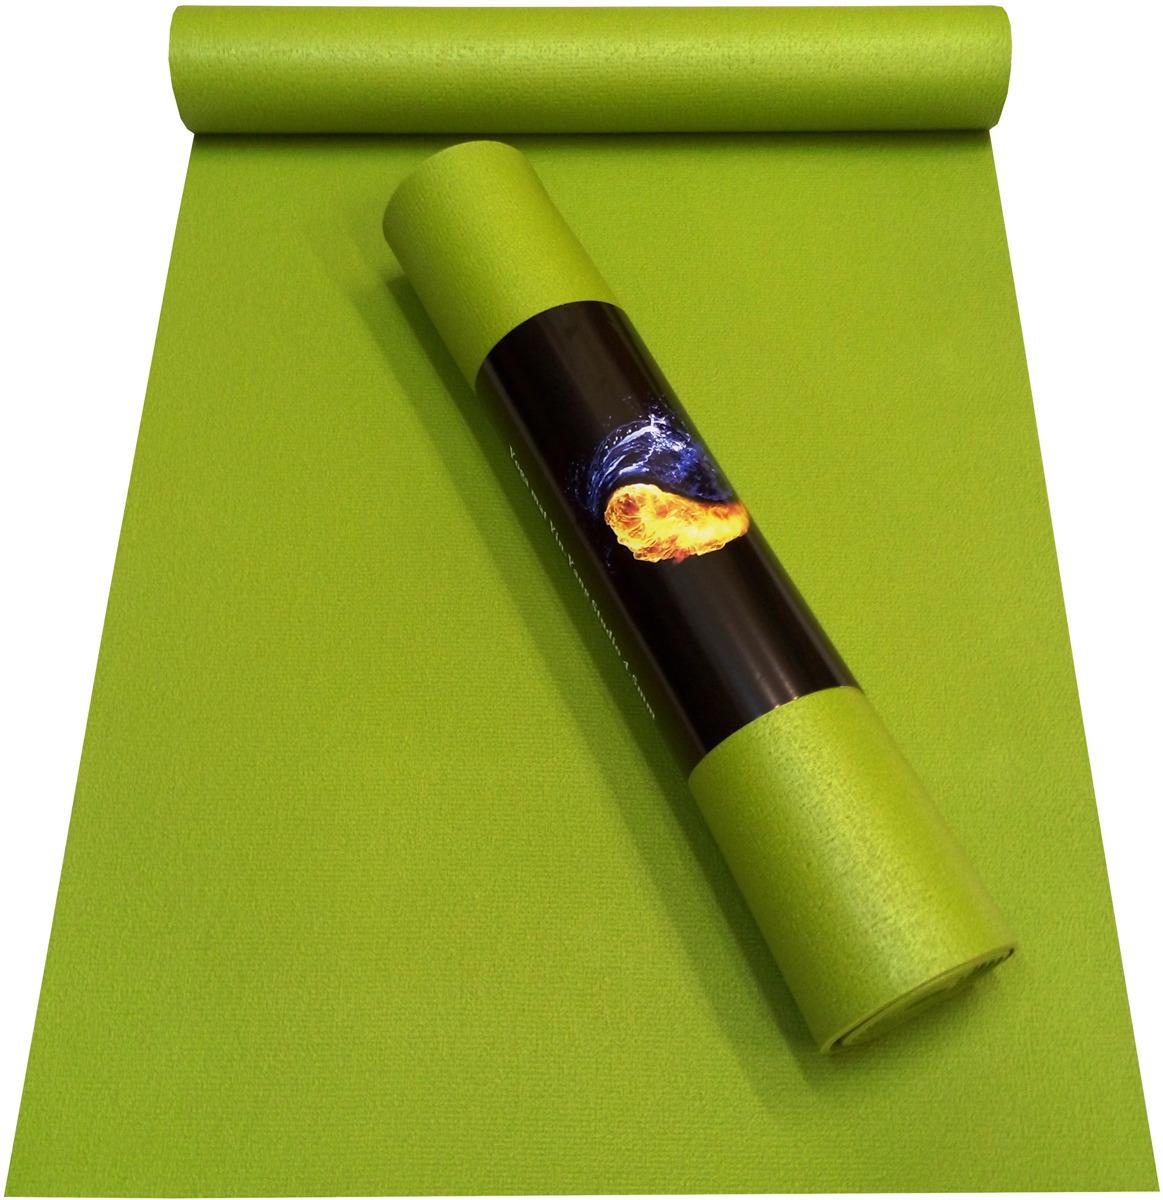 Коврик для йоги детский Ako-Yoga Yin-Yang Studio, цвет: зеленый, 150 х 60 х 0,3 см коврик для йоги ako yoga yin yang studio цвет синий 185 х 60 х 0 45 см